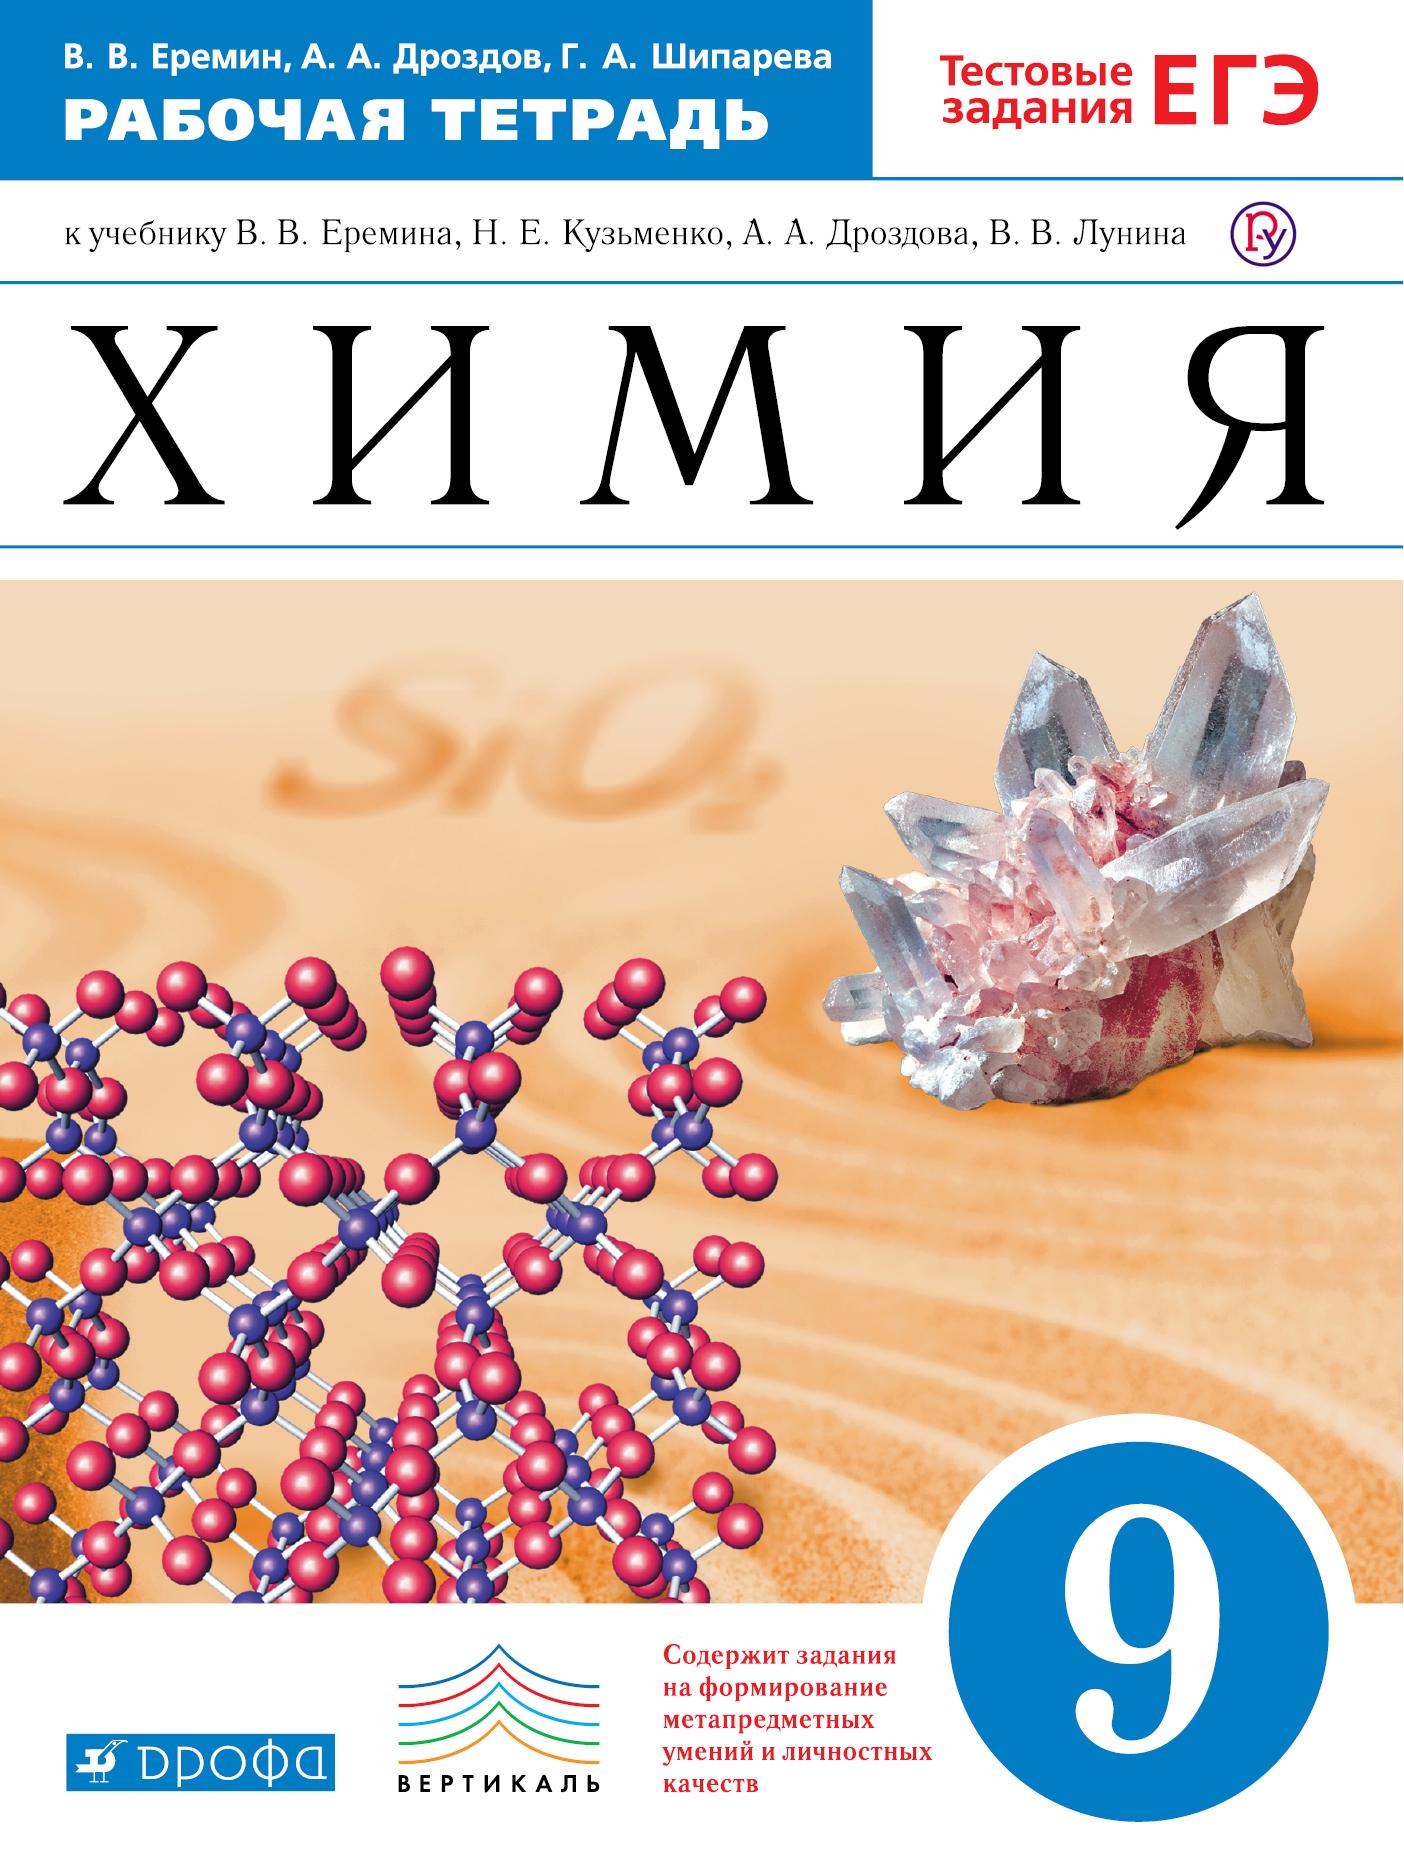 Химия. 9 кл.Рабочая тетрадь к УМК Лунина(с тестовыми заданиями ЕГЭ). ВЕРТИКАЛЬ